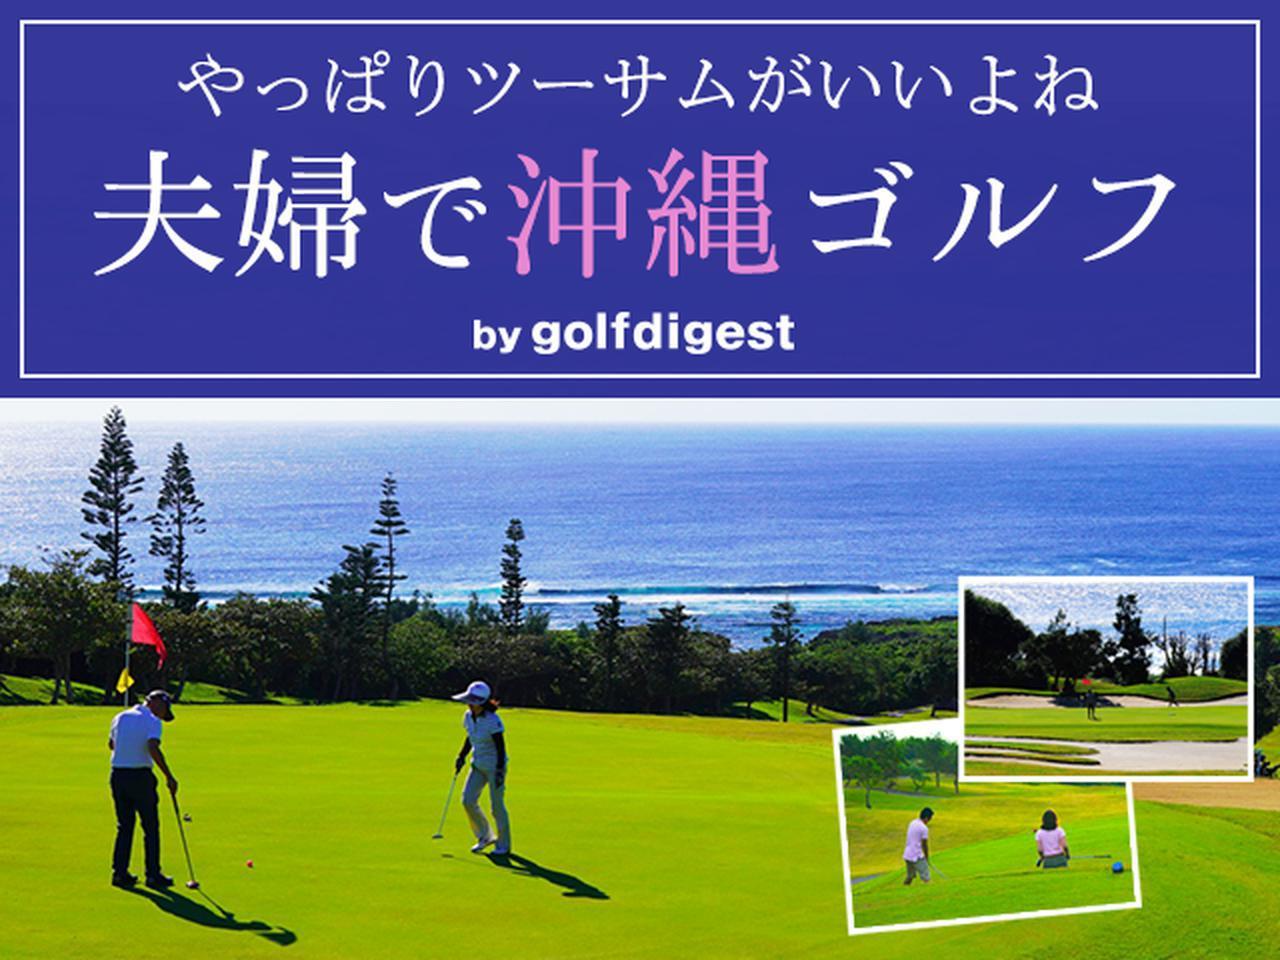 画像: 沖縄 ゴルフ旅行 - ゴルフへ行こうWEB by ゴルフダイジェスト